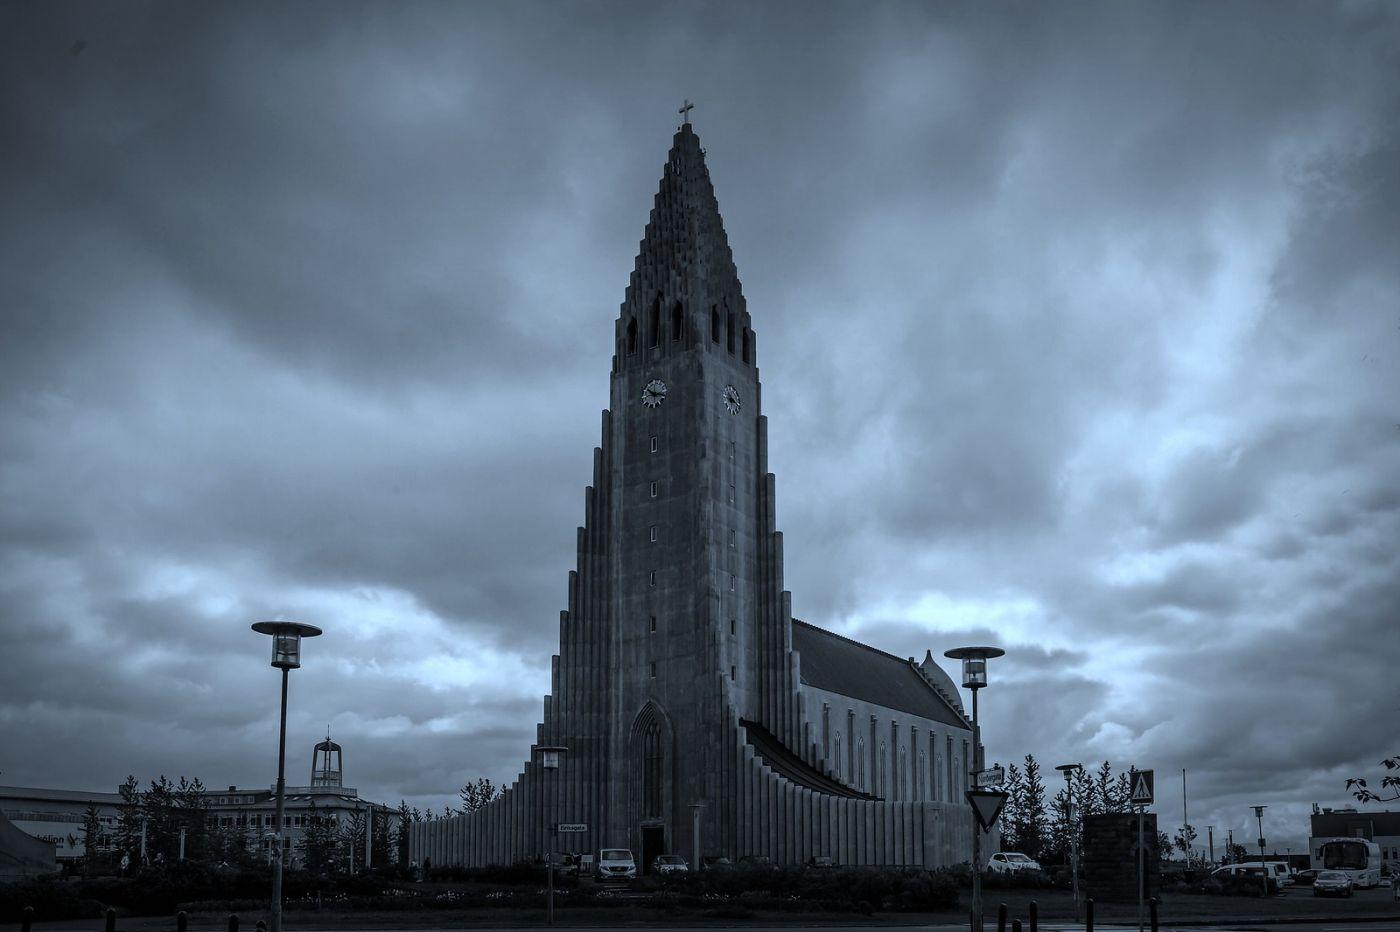 冰岛Hallgrimskirkja教堂,超奇特的建筑_图1-16